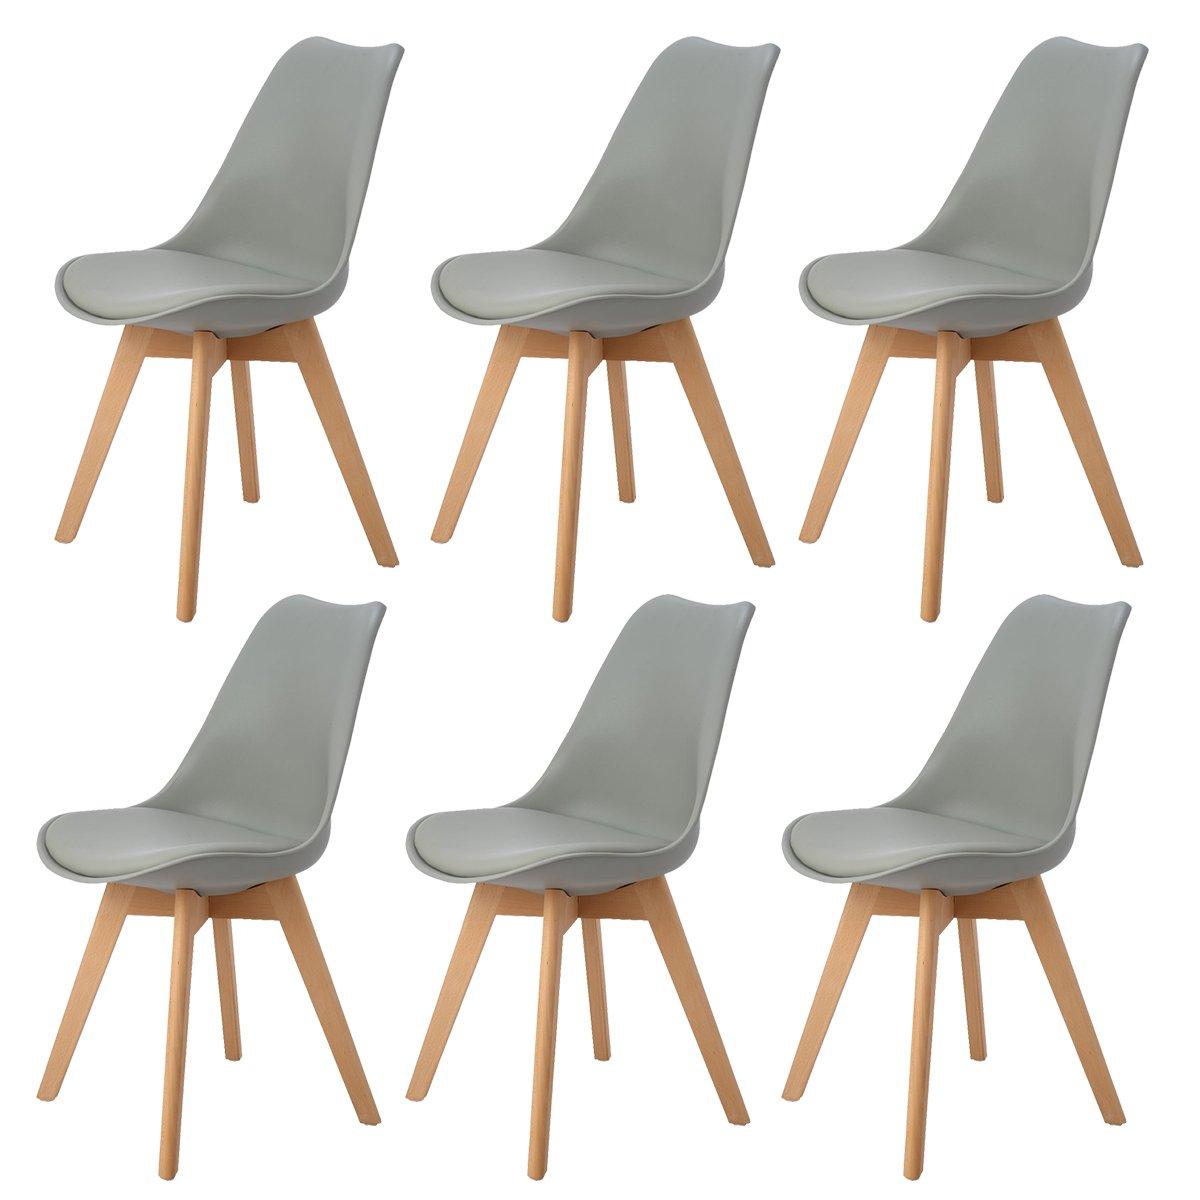 DORAFAIR 6er 6er 6er Skandinavischen Retro Design Gepolsterter lStuhl Kunststoff PP Esszimmerstühle,mit Massivholz Buche Bein,Grau ca61ed